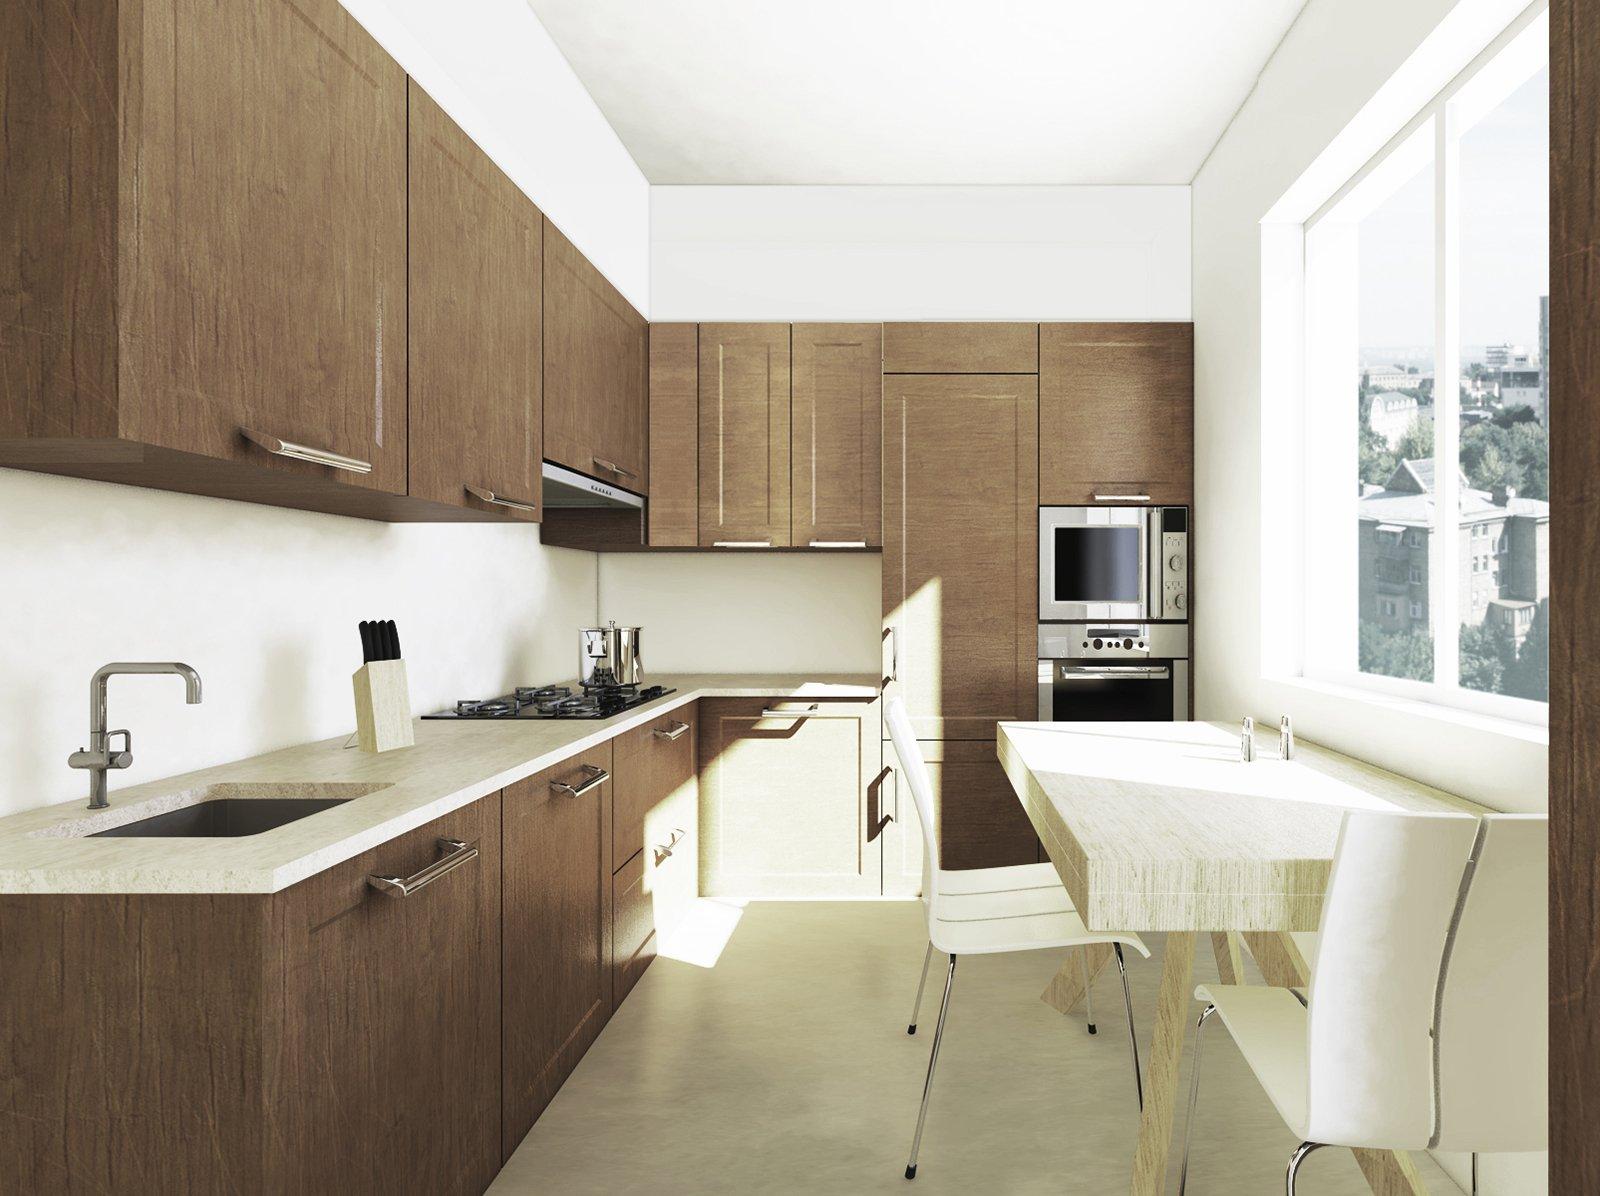 Arredare la cucina con dispensa e vano ripostiglio - Cucine con angolo dispensa ...